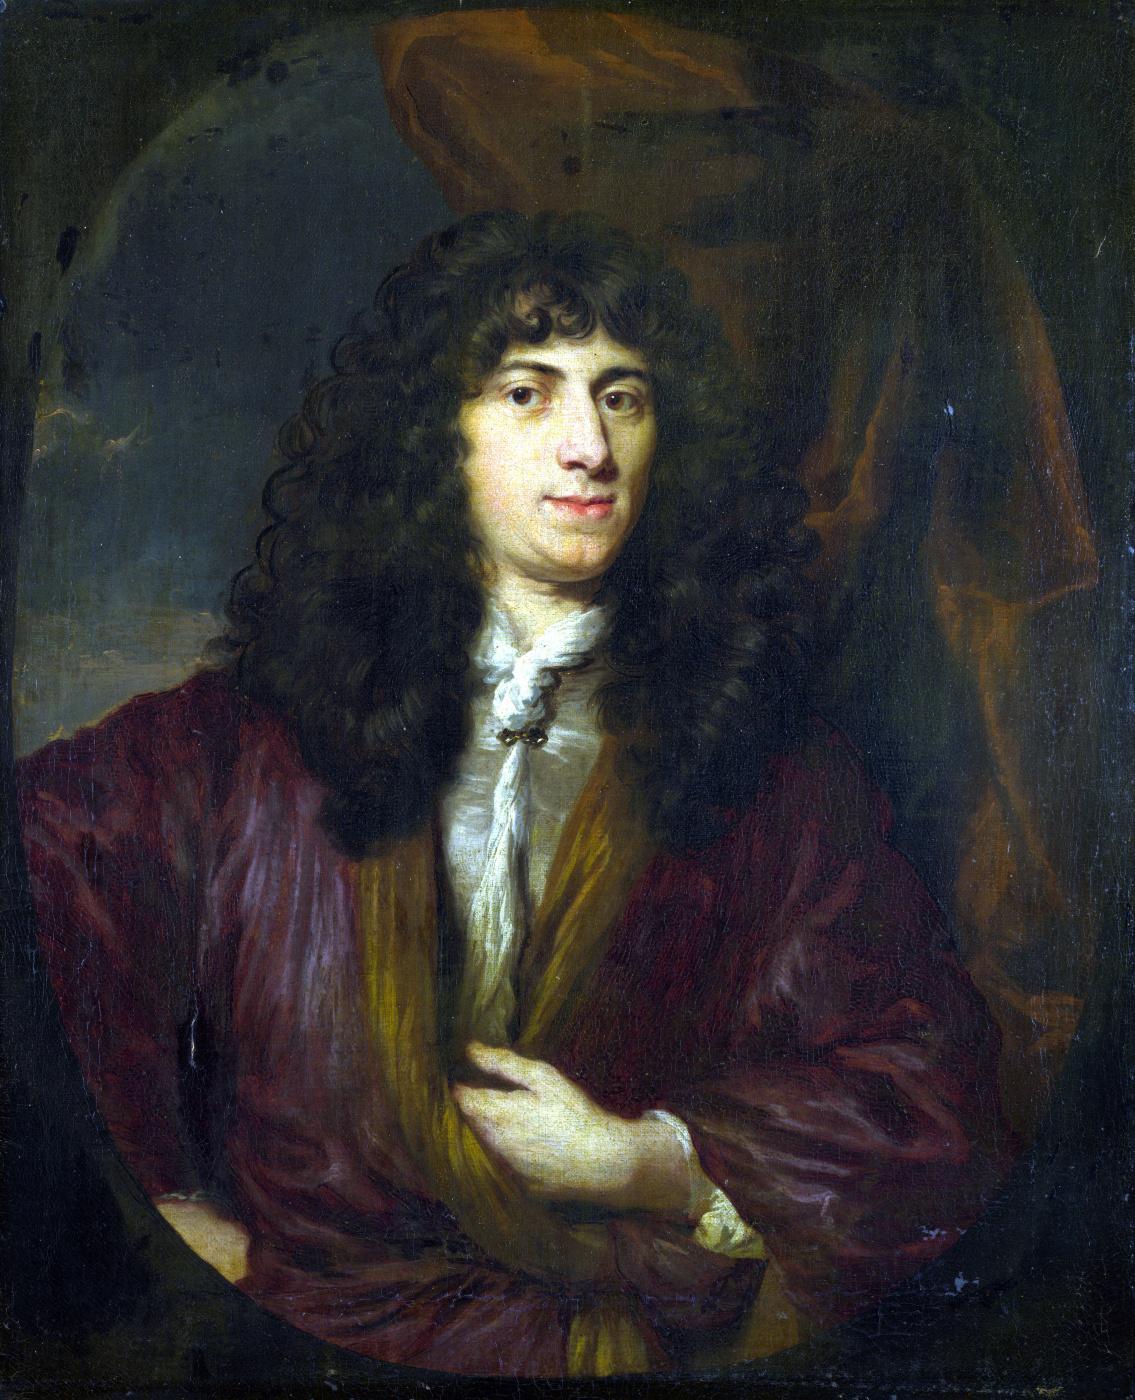 Nicholas Mas. Portrait of a man in a black wig